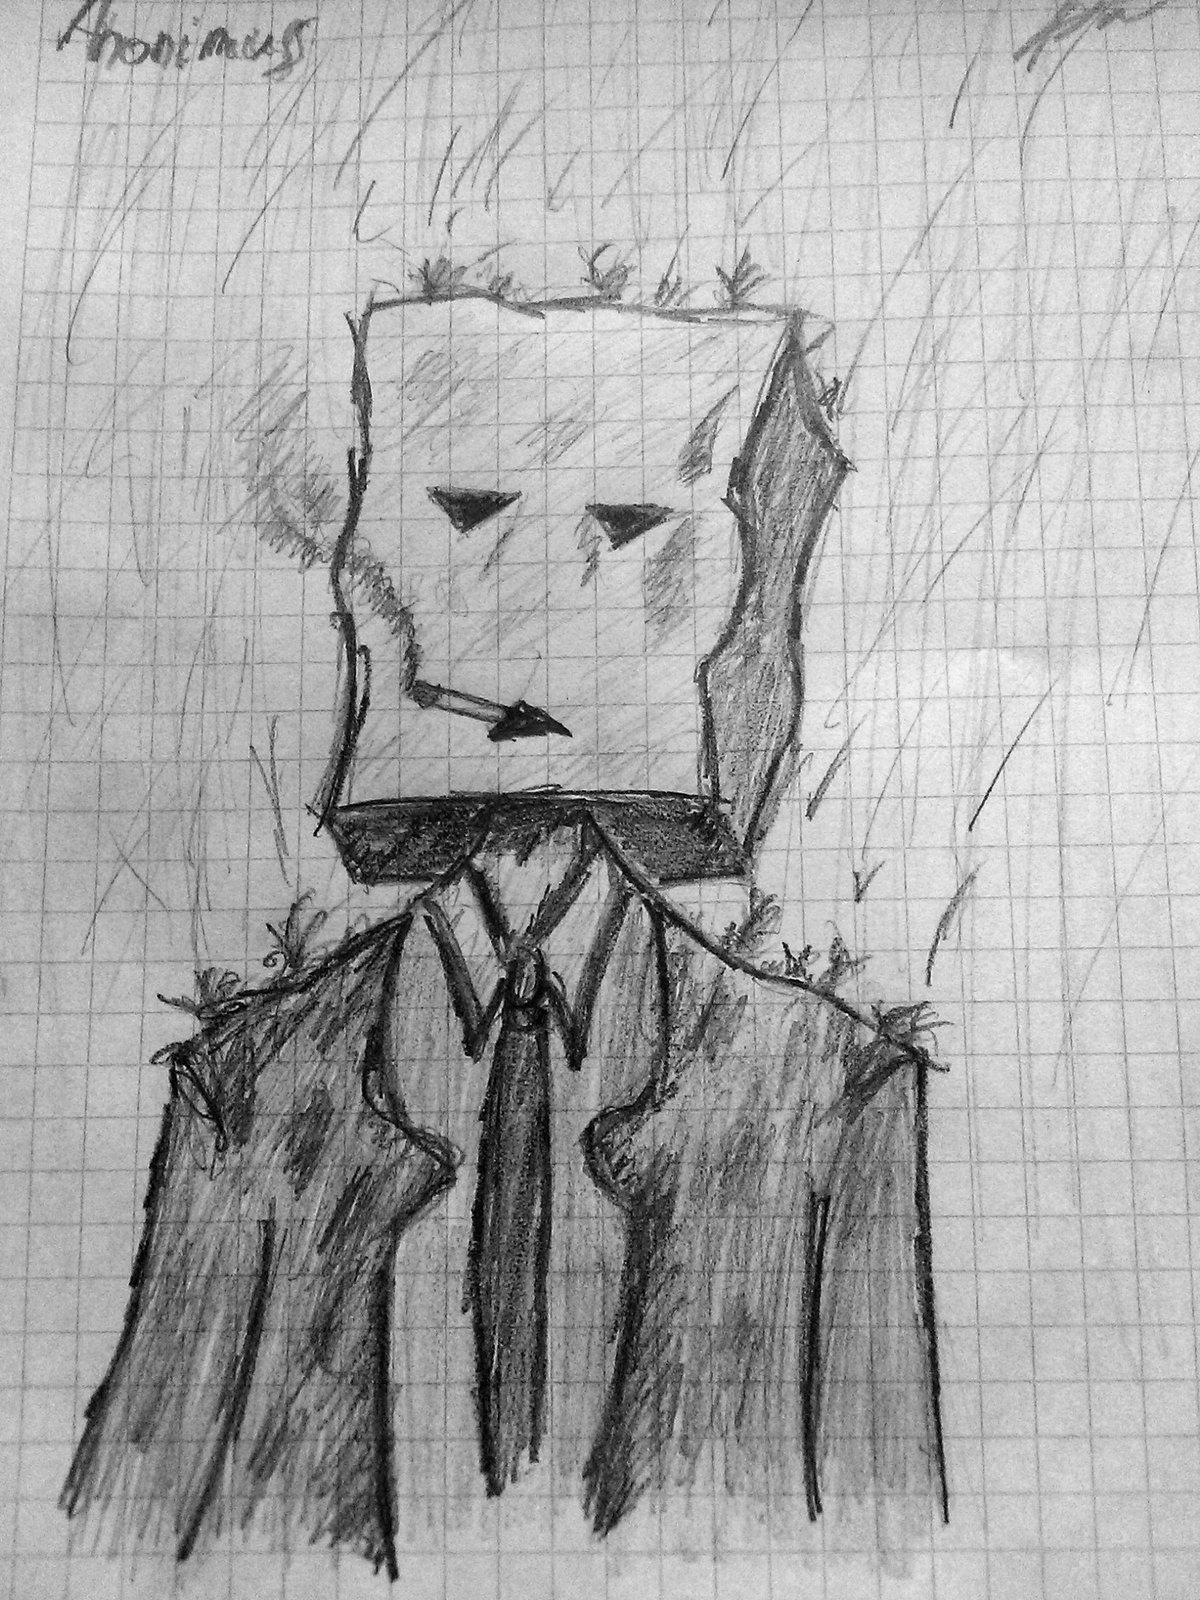 Картинка для, фото прикольных рисунков карандашом